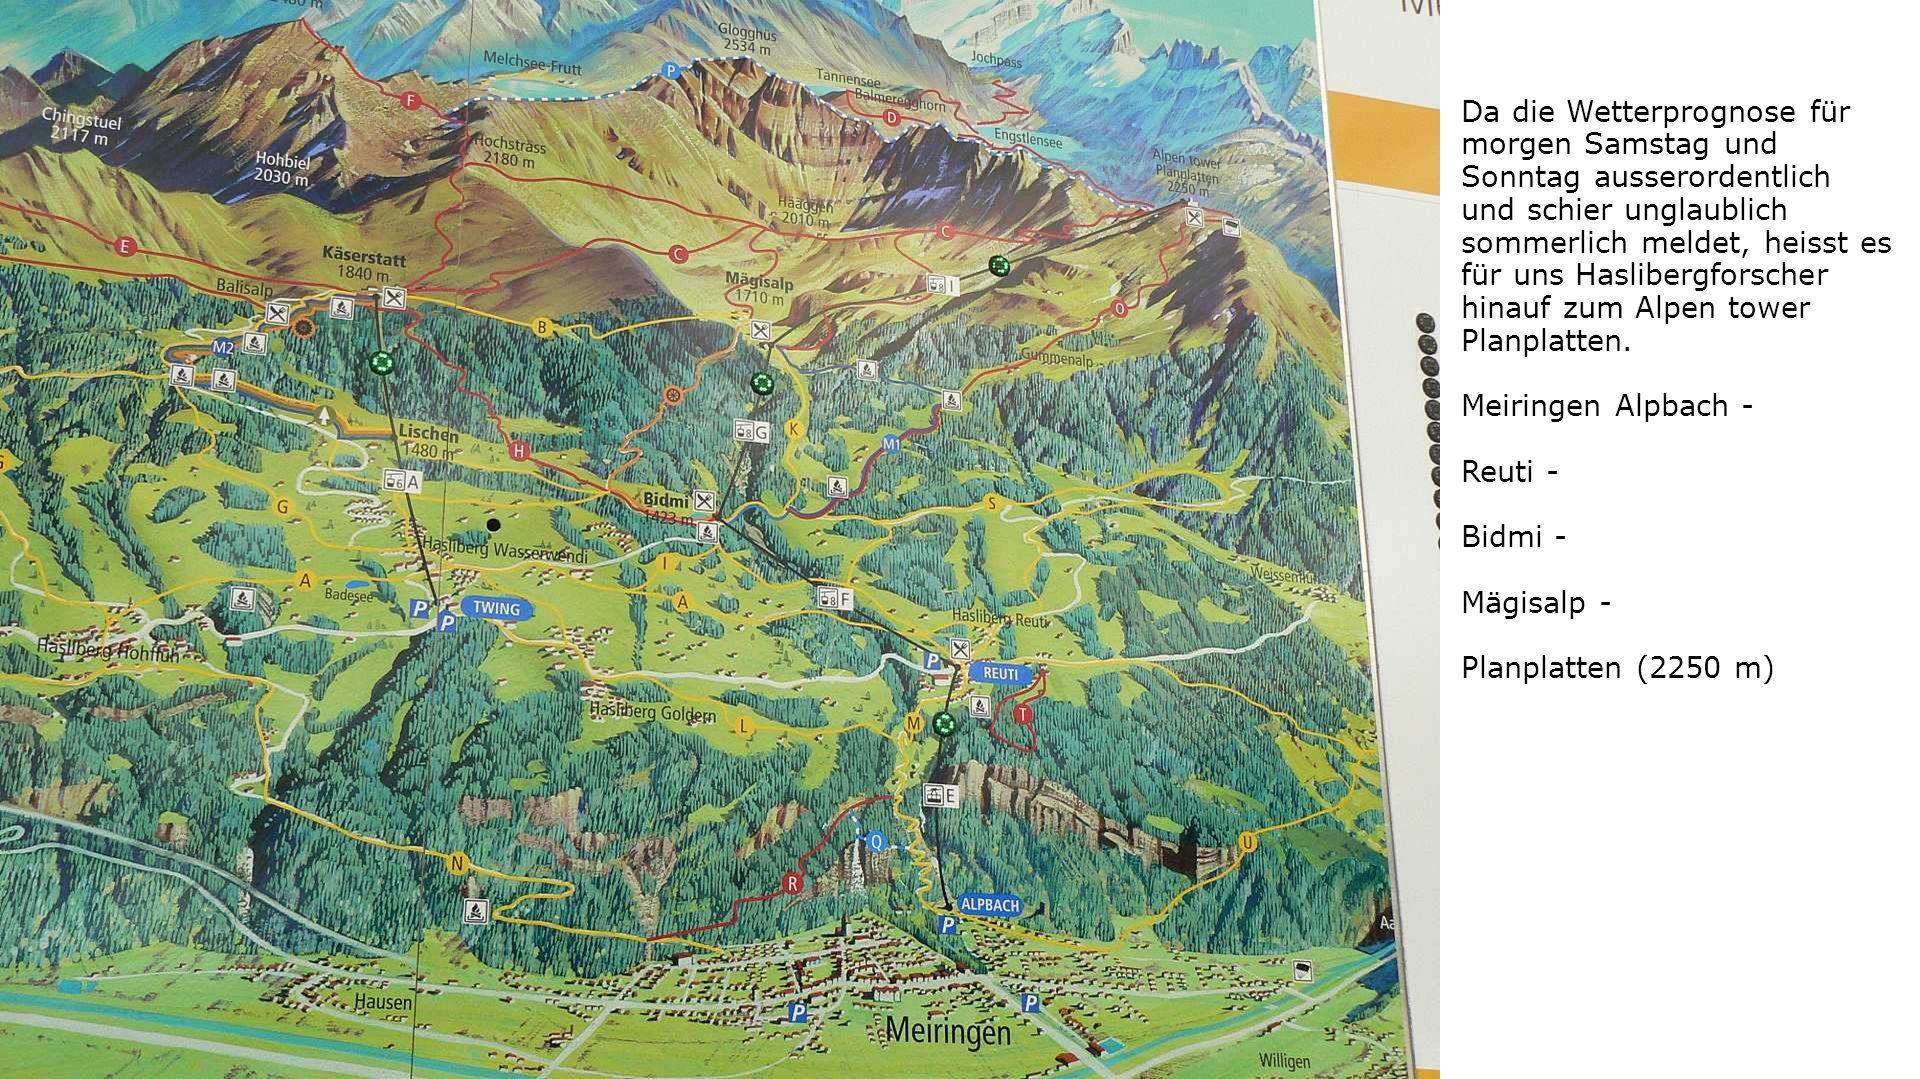 Da die Wetterprognose für morgen Samstag und Sonntag ausserordentlich und schier unglaublich sommerlich meldet, heisst es für uns Haslibergforscher hinauf zum Alpen tower Planplatten.